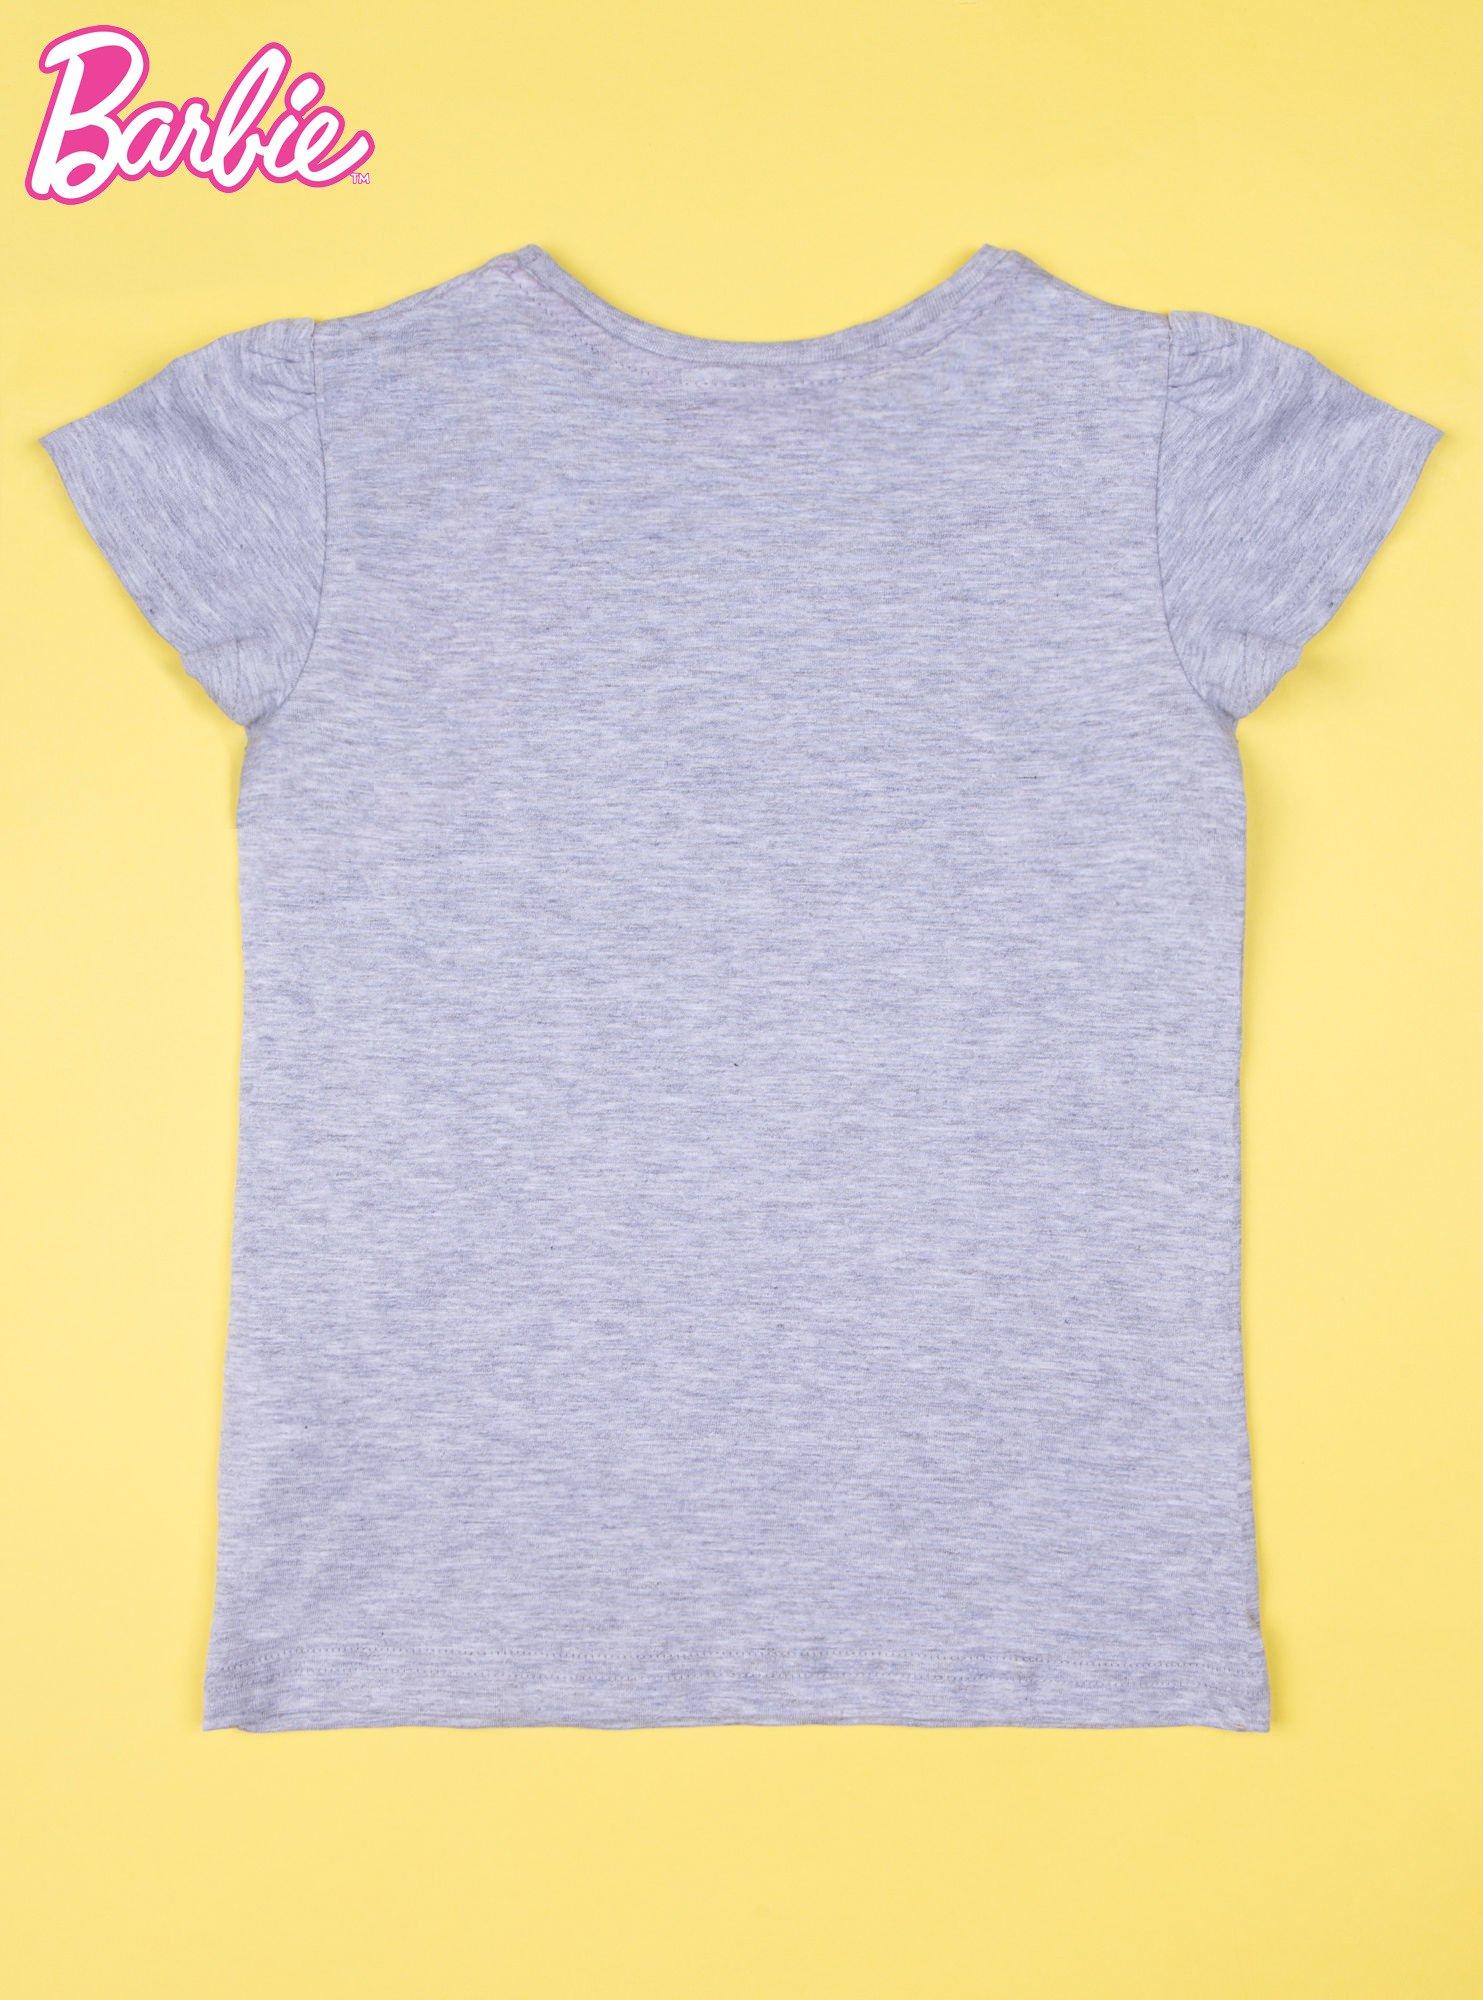 Szara piżama dla dziewczynki BARBIE                                  zdj.                                  3